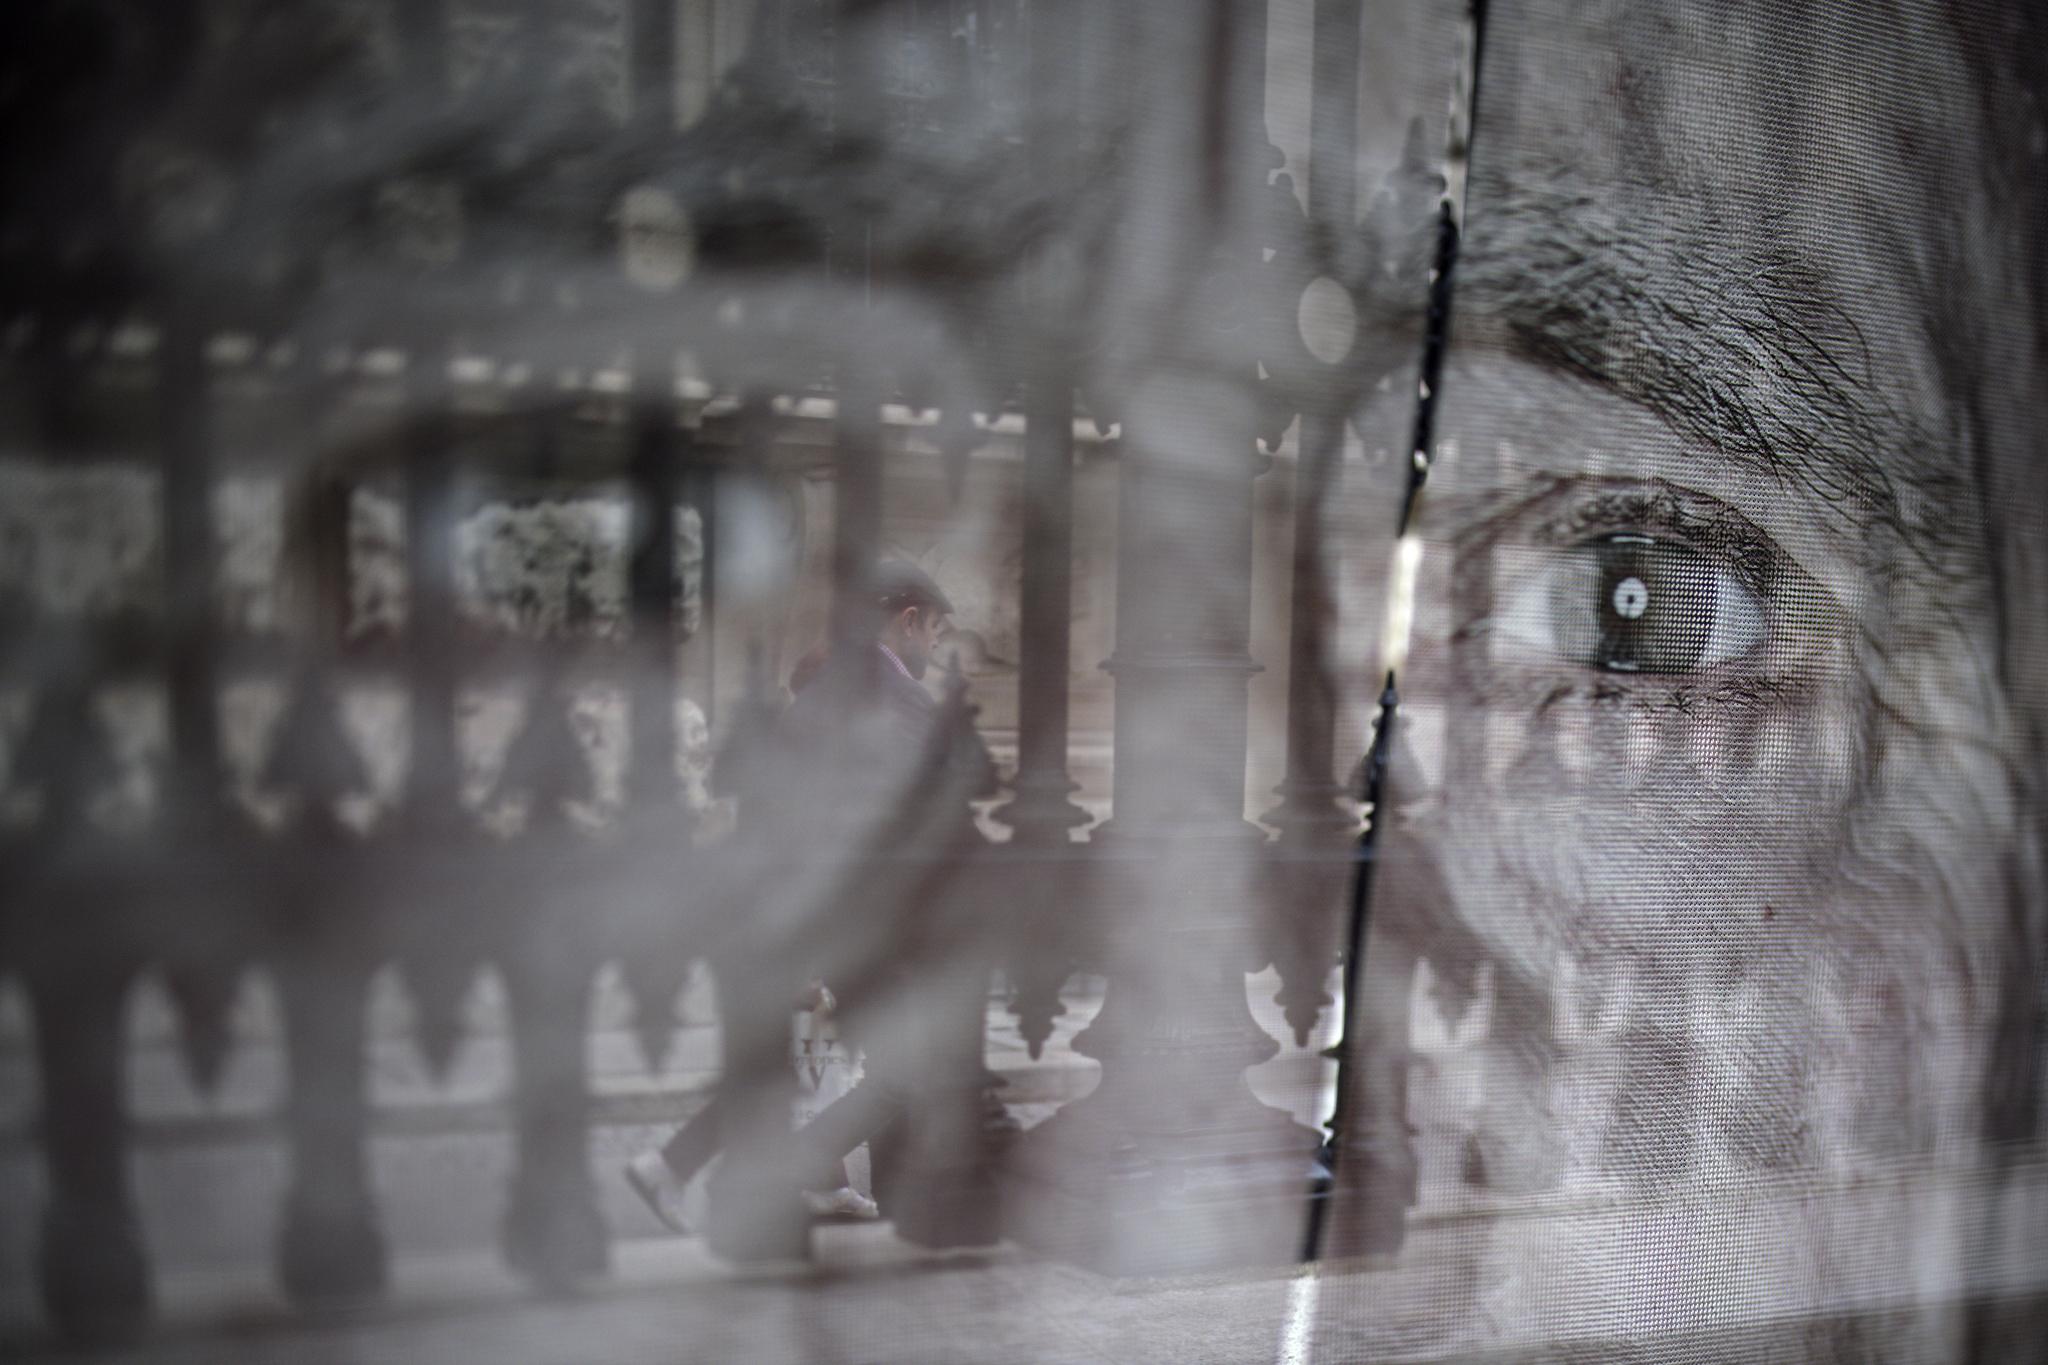 오스트리아 수도 빈에 전시된 홀로코스트(제2차 세계대전 중 나치 독일이 자행한 유대인 대학살) 생존자들의 초상화가 크게 훼손됐다. 27일(현지시간) 홀로코스트 생존자의 초상화가 세로로 길게 찢겨있다. [로이터=연합뉴스]